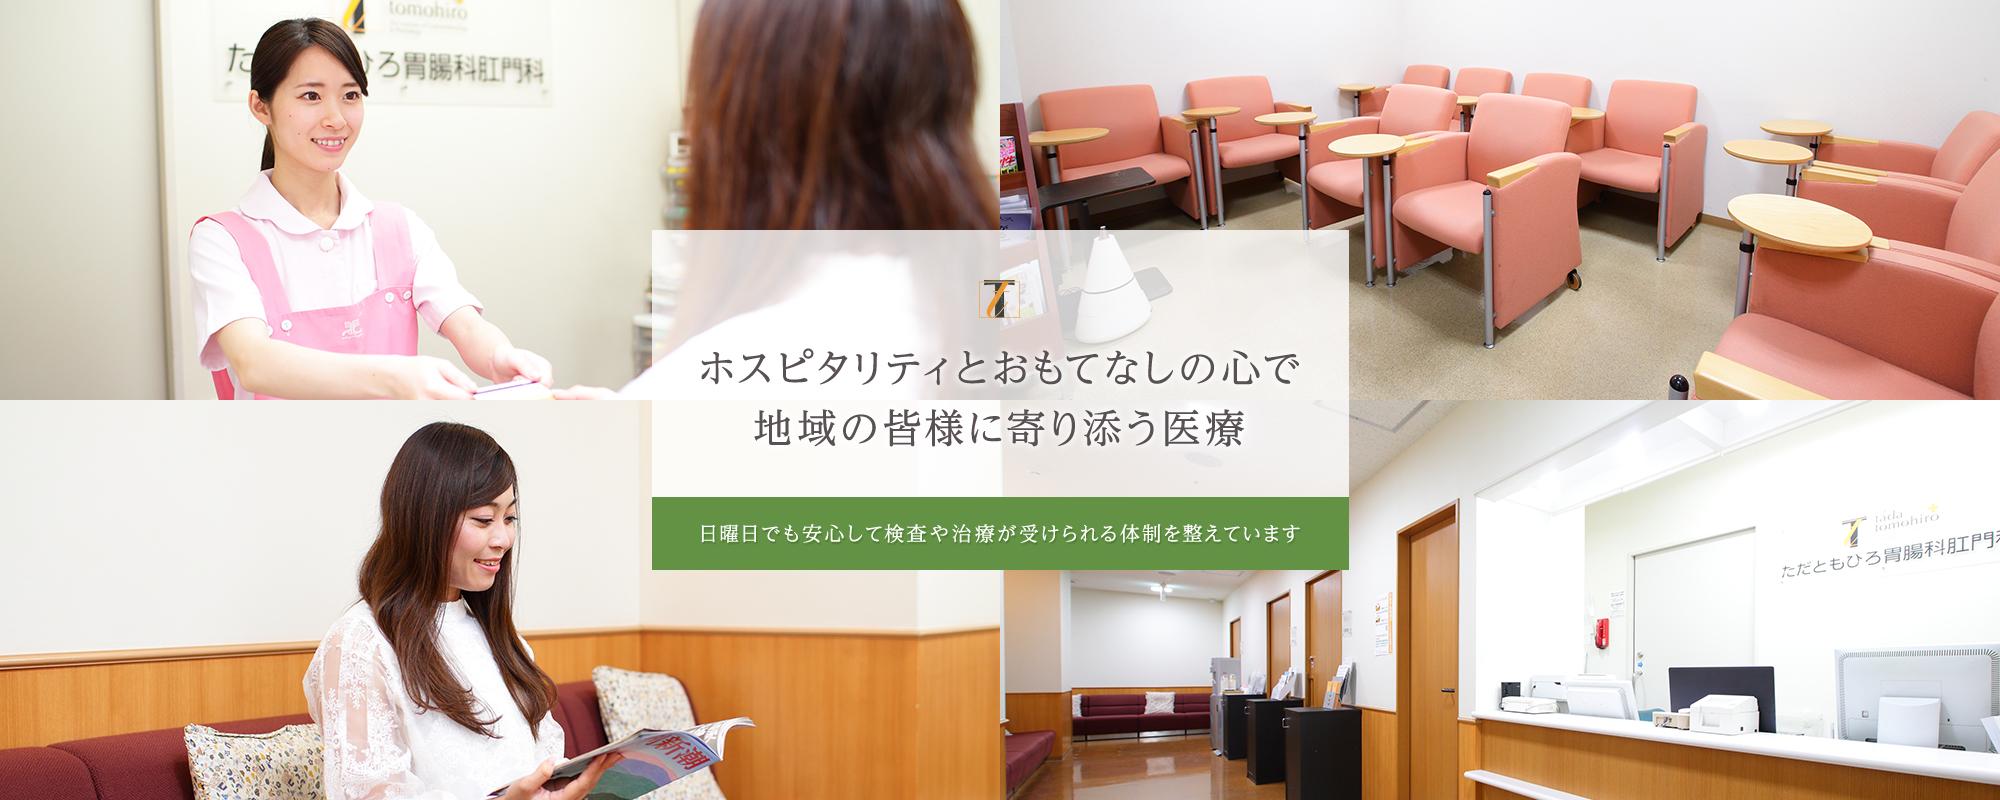 埼玉県内屈指の症例数を誇る内視鏡専門クリニック 年間9,000件近くの実績を誇り、安全で高精度の内視鏡検査をご提供しています